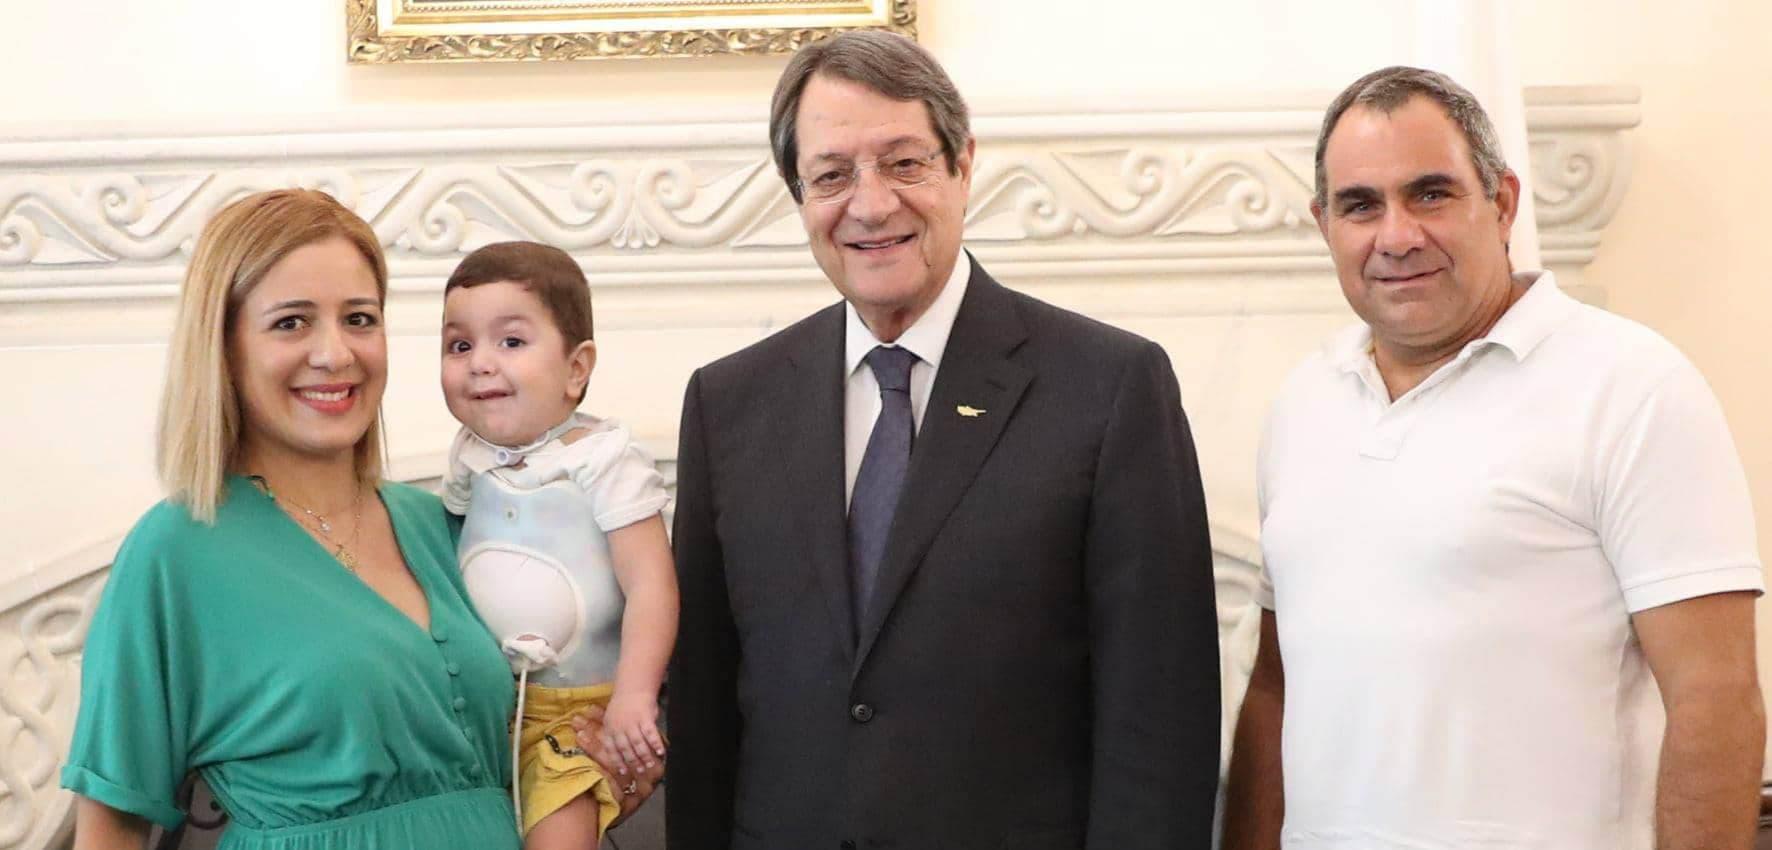 Ο μικρός Αντώνης στο Προεδρικό  (Φώτο)